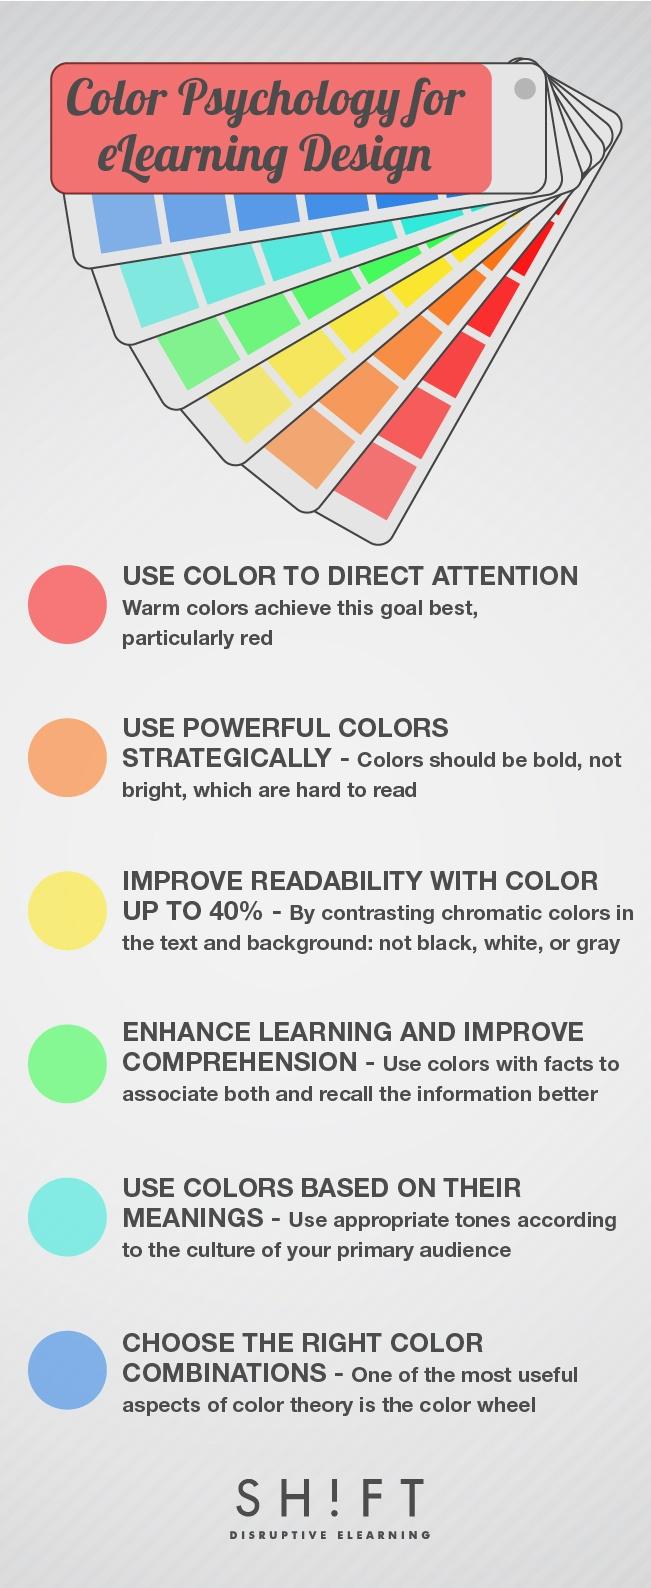 Color-Psychology-for-eLearning-Design-ok-01